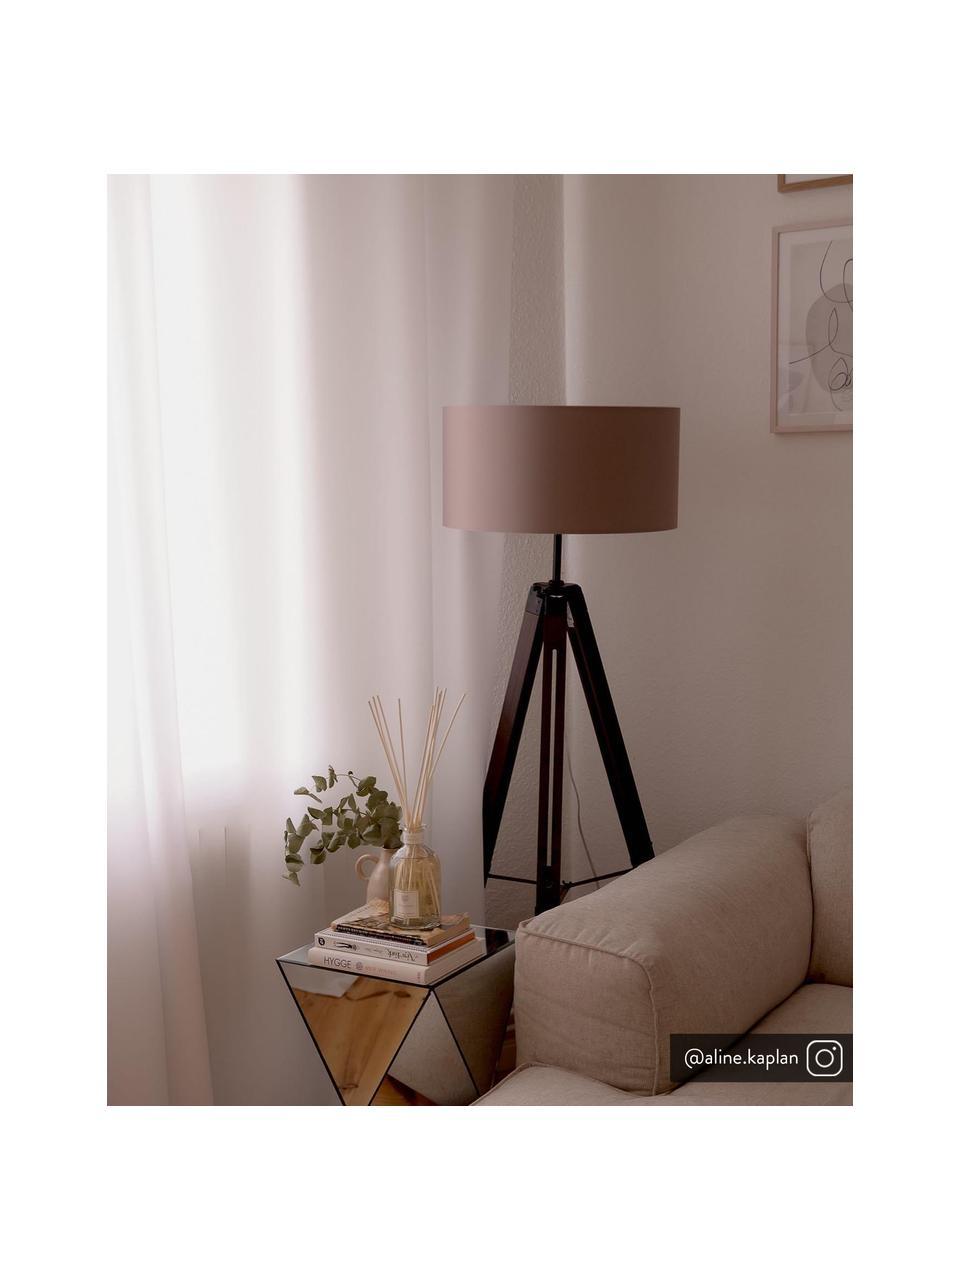 Tripod Stehlampe Josey aus Walnussholz, Lampenschirm: Textil, Lampenfuß: dunkles Walnussholz, Lampenfuß: Walnuss, Schwarz Lampenschirm: Taupe, Ø 70 x H 150 cm